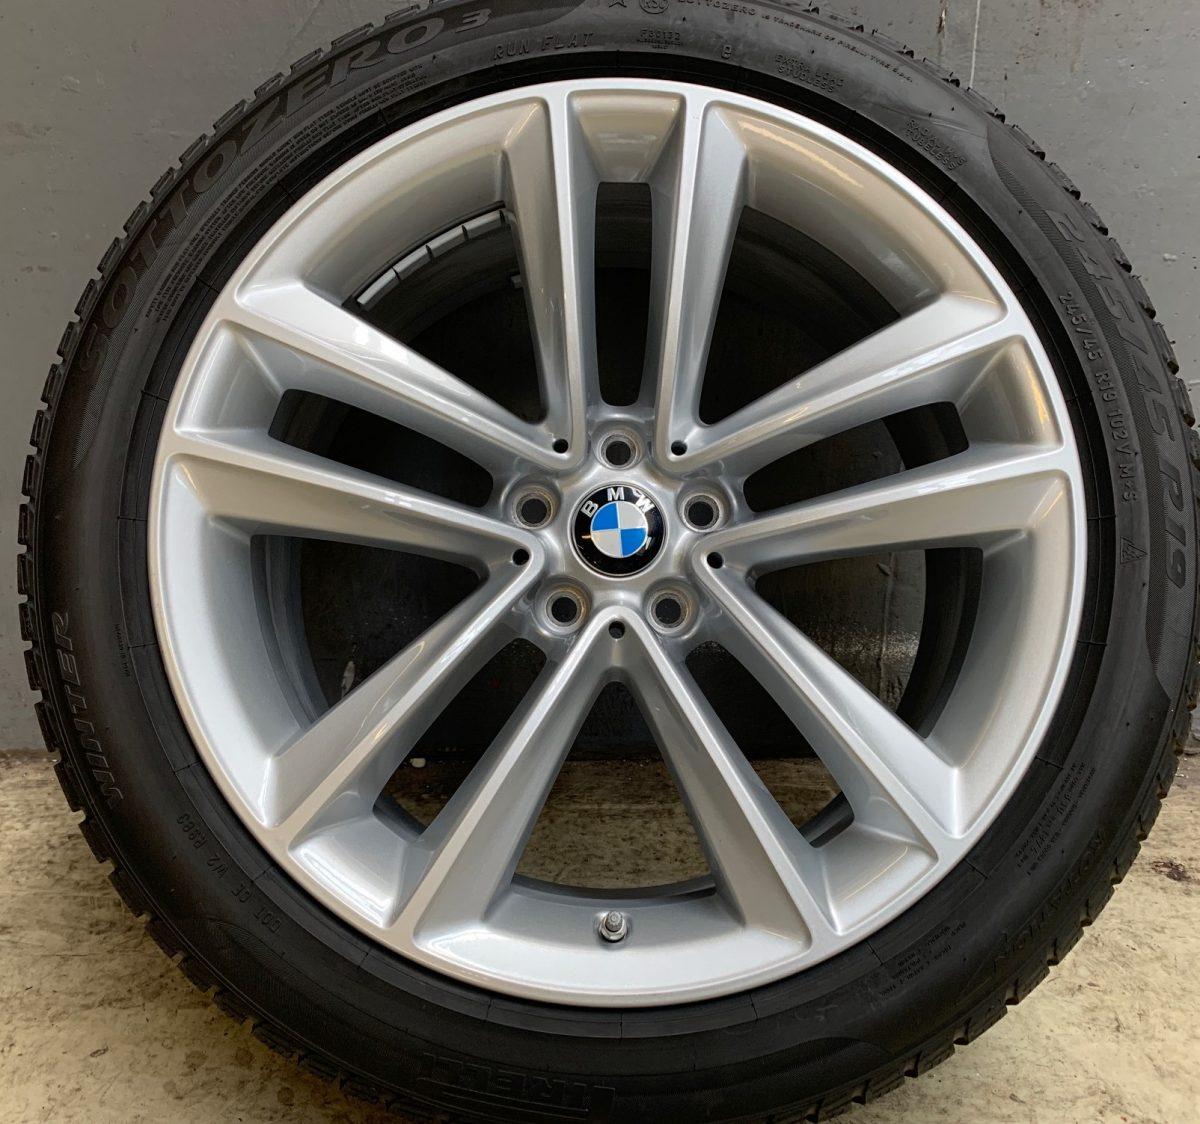 Gyári alufelni BMW 7 G11 (630 Styl) 8,5X19 ET25 alufelni újszerű téligarnitúra Pirelli defekttűrő gumikkal 1